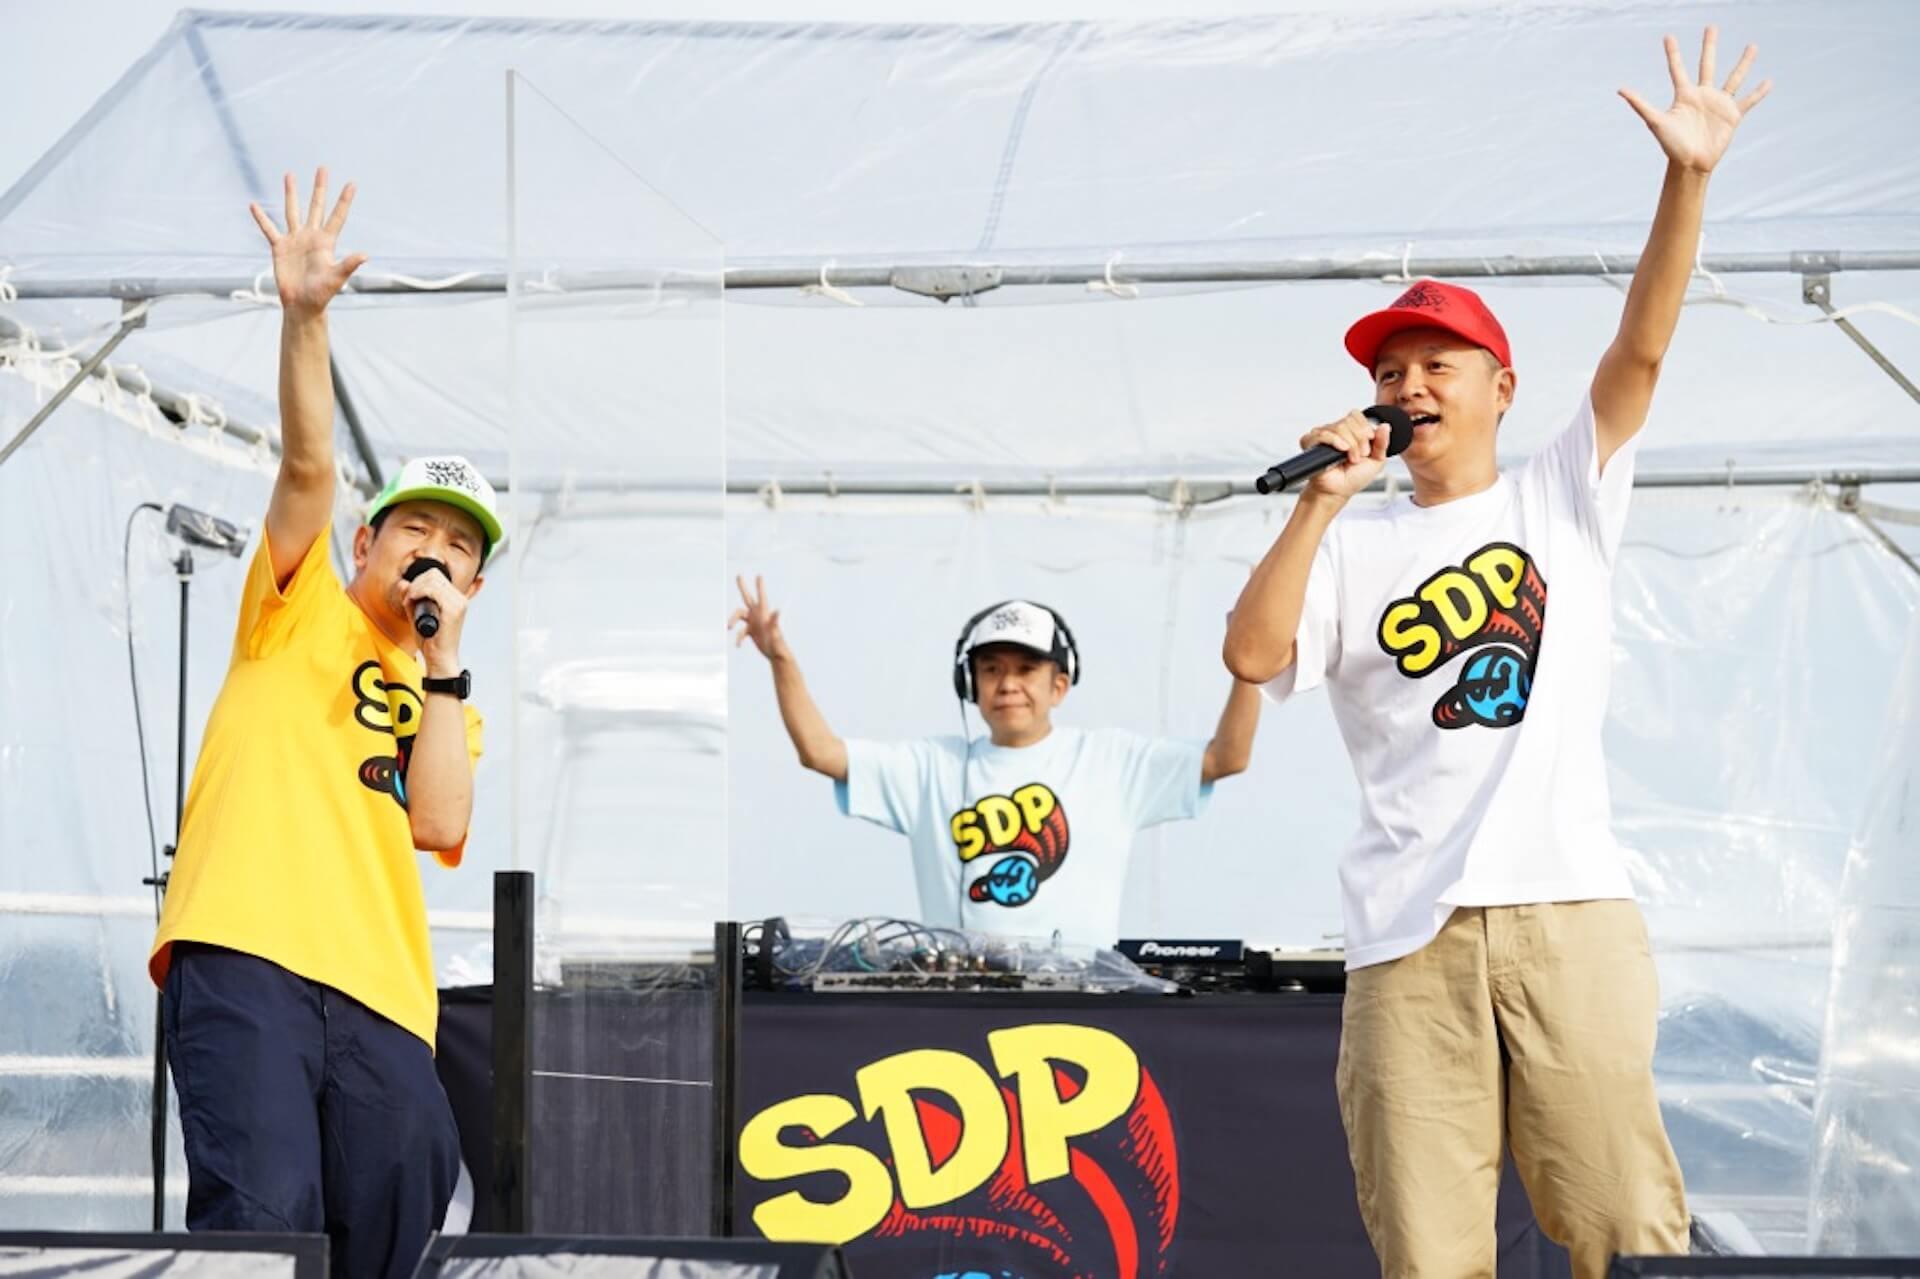 加山雄三『加山雄三の新世界』に参加したPUNPEE、スチャダラパー、ももクロらが出演!ストリーミングライブレポートが到着 music200706_kayamayuzo_11